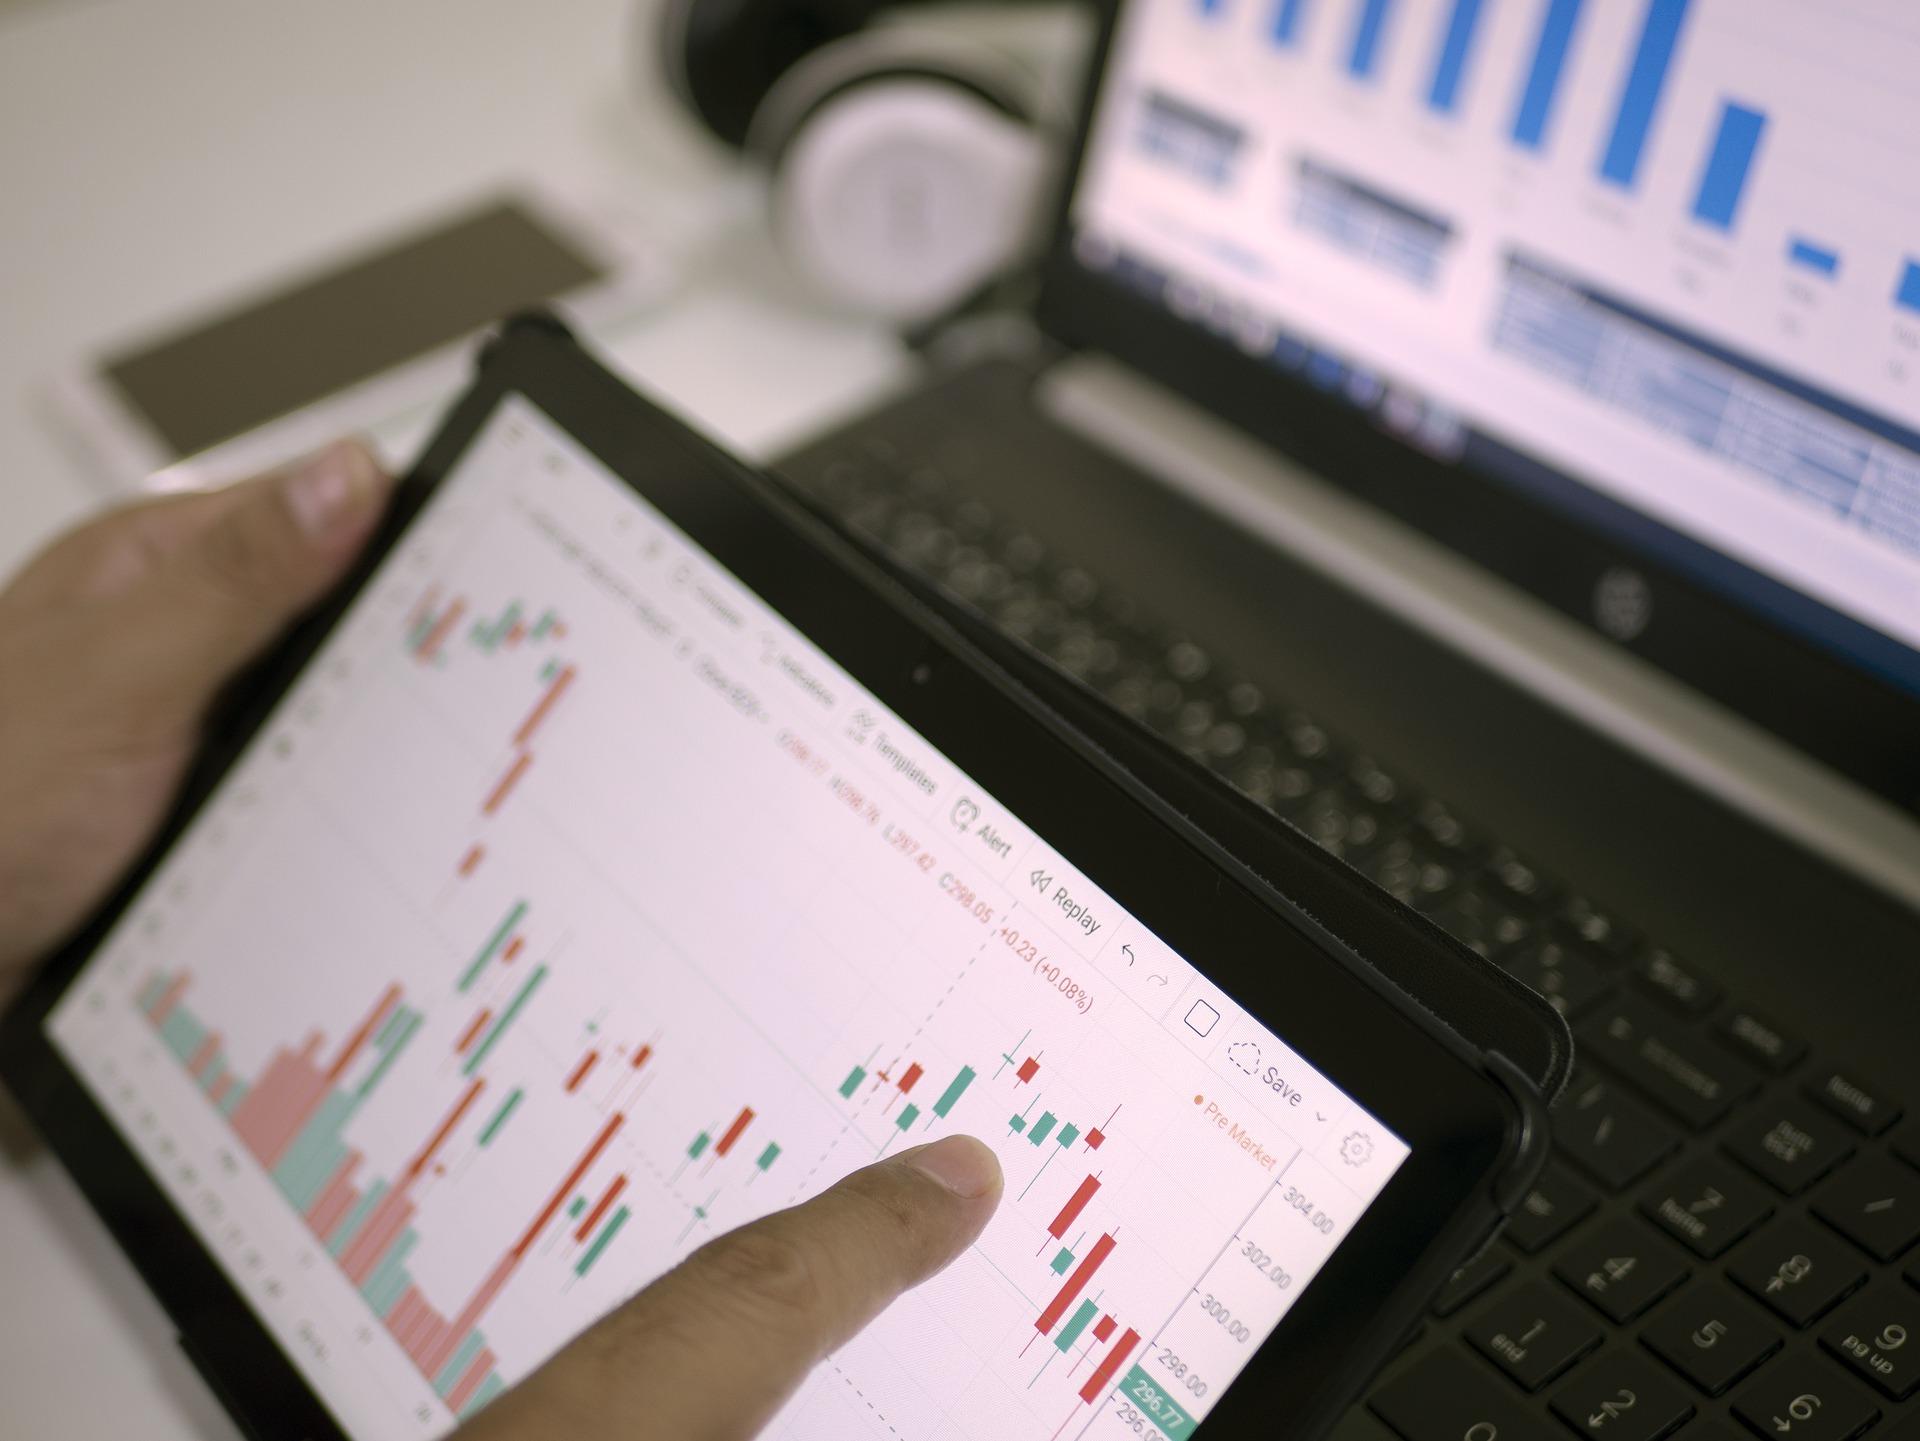 Срочный рынок: что это такое, его основные отличия от фондового